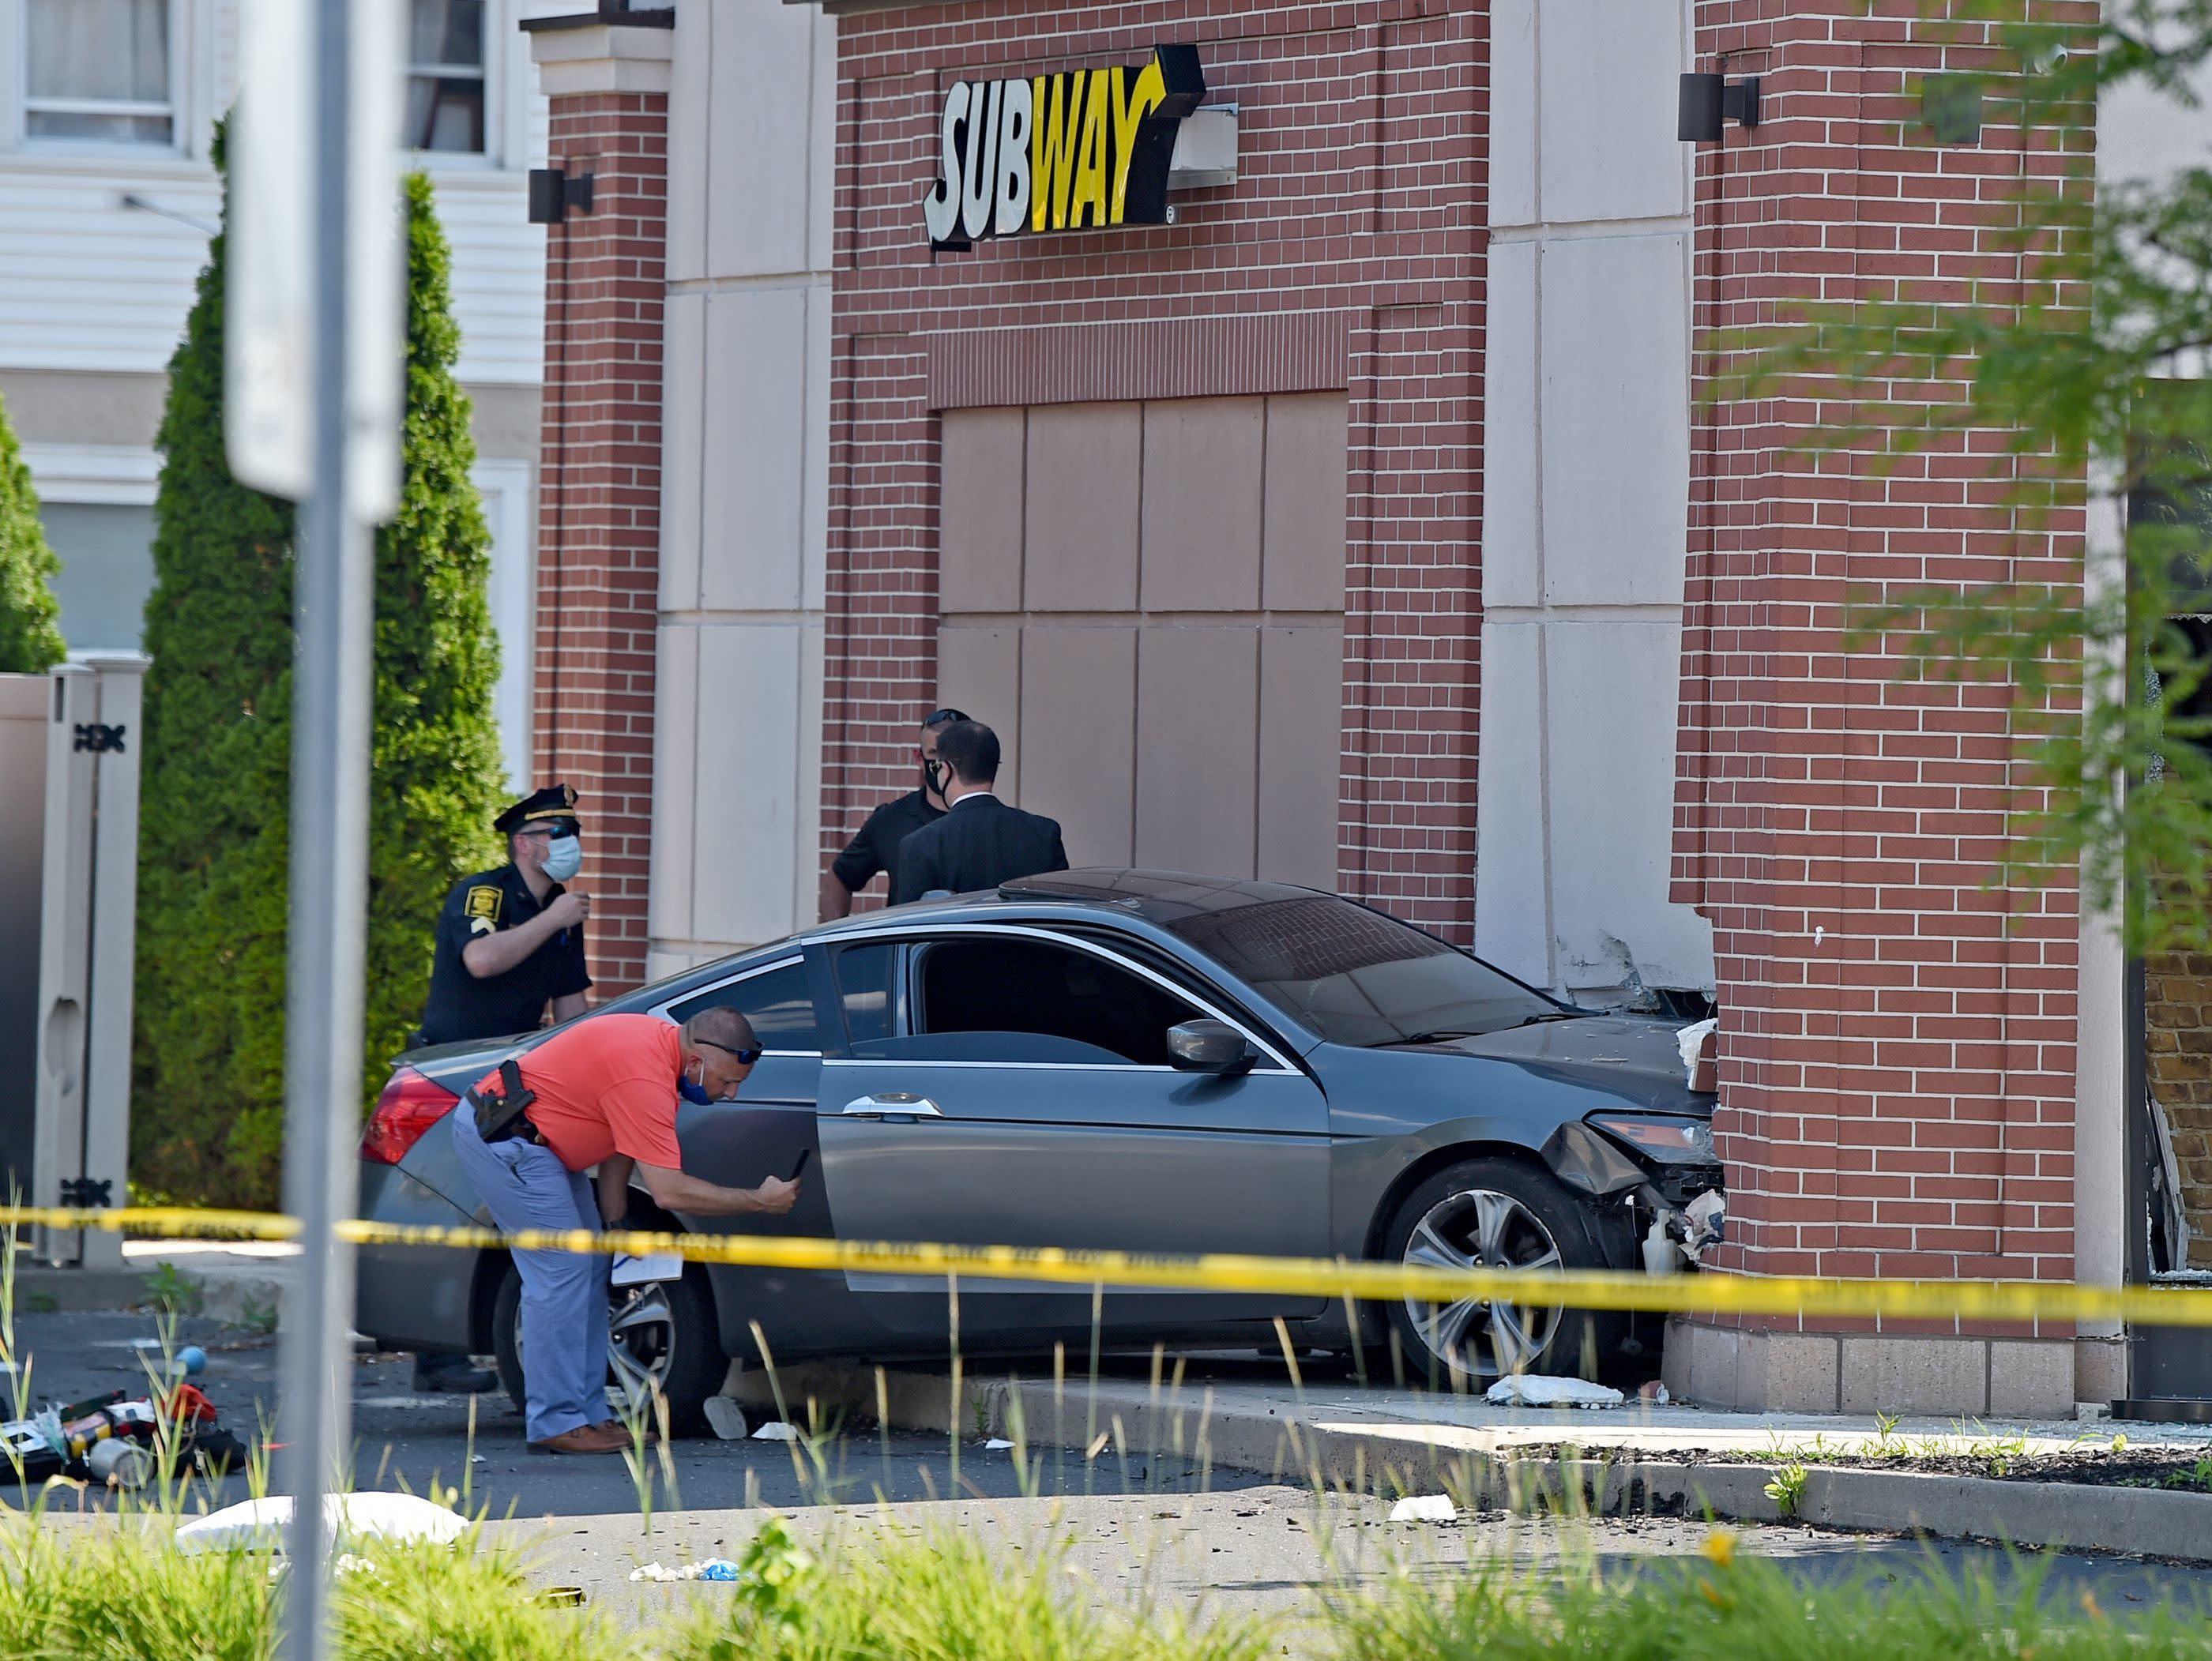 Hartford police arrest suspect in July 6 homicide